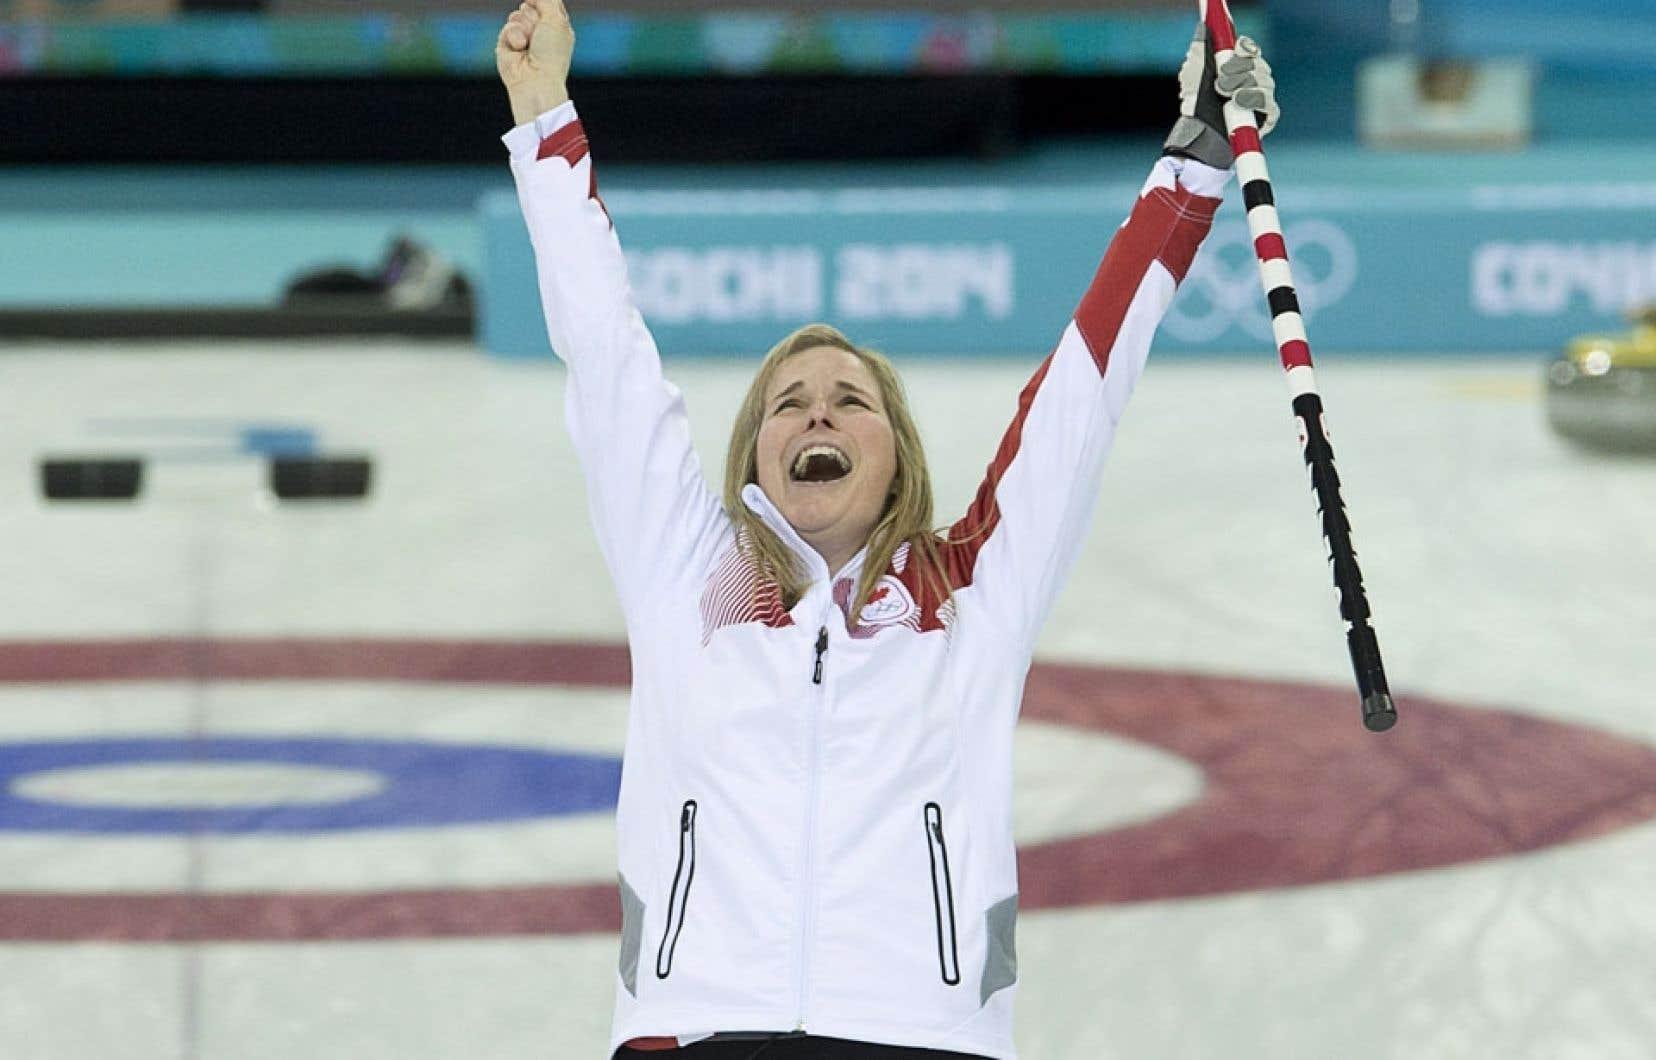 La capitaine de l'équipe canadienne a levé les bras au ciel après avoir lancé la dernière pierre scellant l'issue de la rencontre.